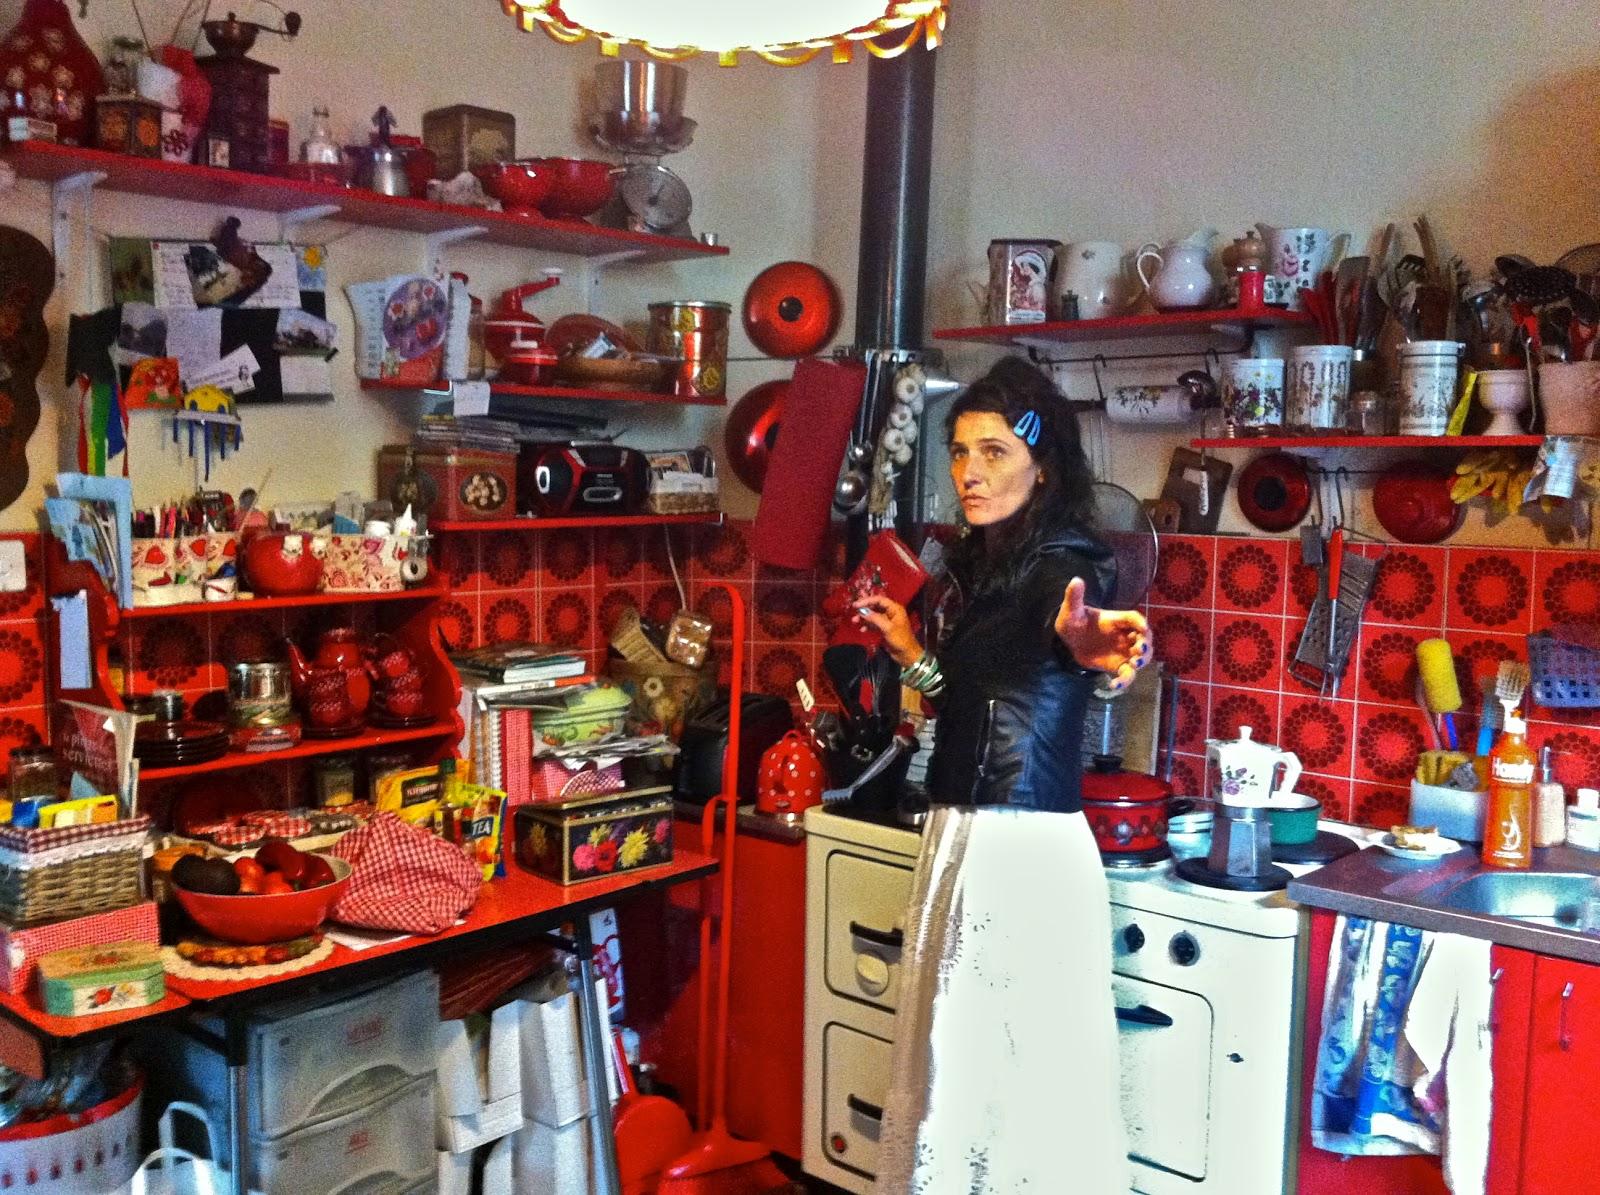 La linea rossa la cucina pi bella e rossa del mondo for Quella del tavolo e liscia